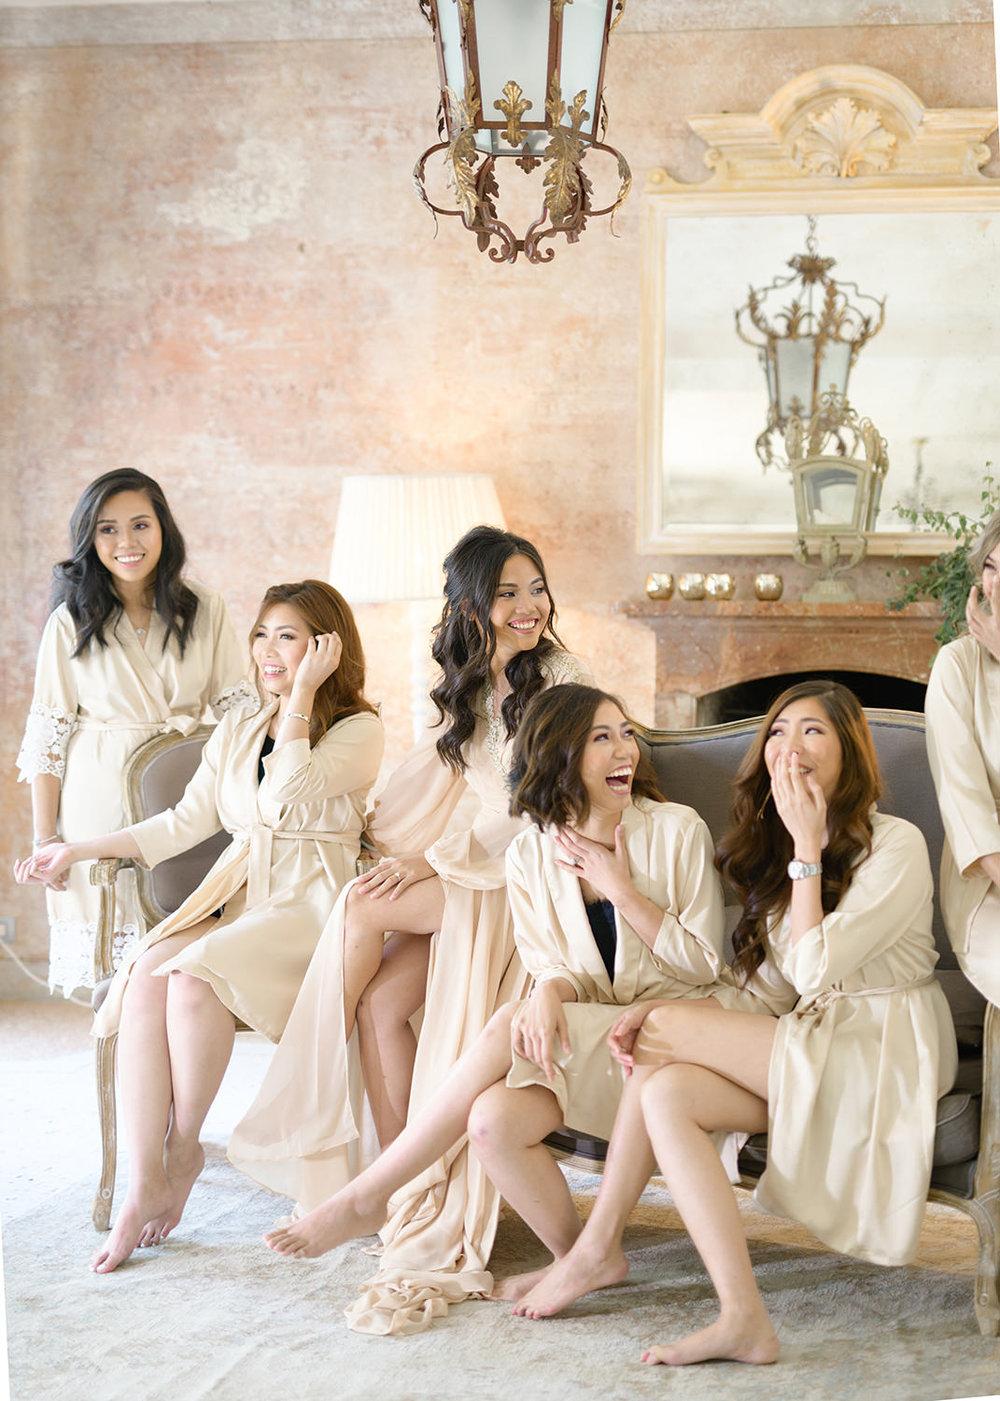 villa-regina-teodolinda-wedding-photographer-C&B-©bottega53-15.JPG